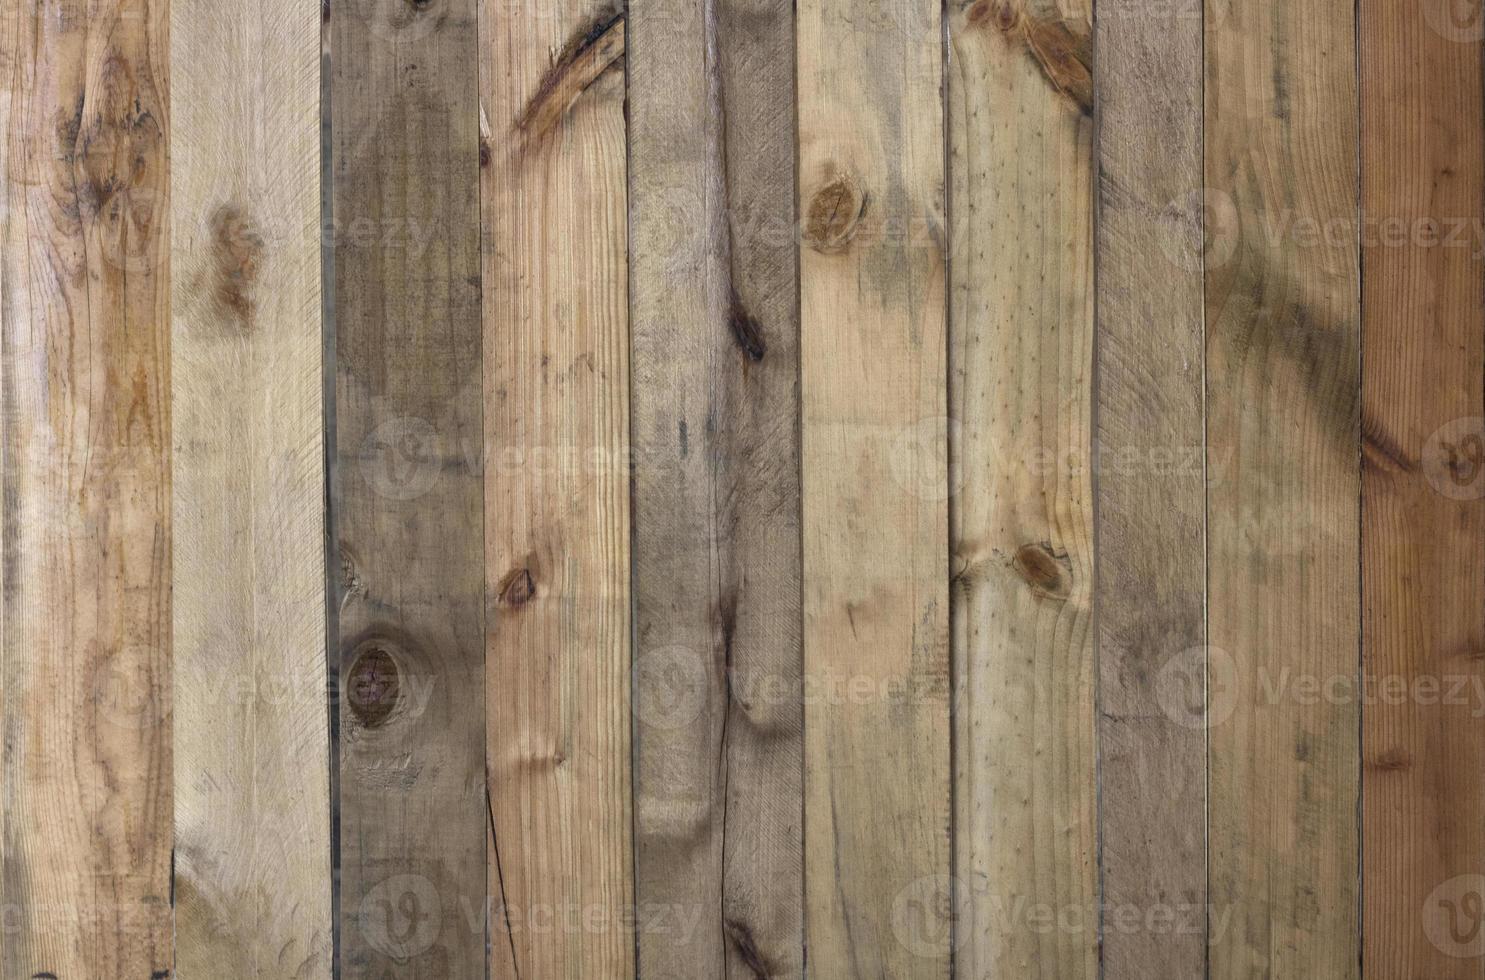 Holzlattenwand foto